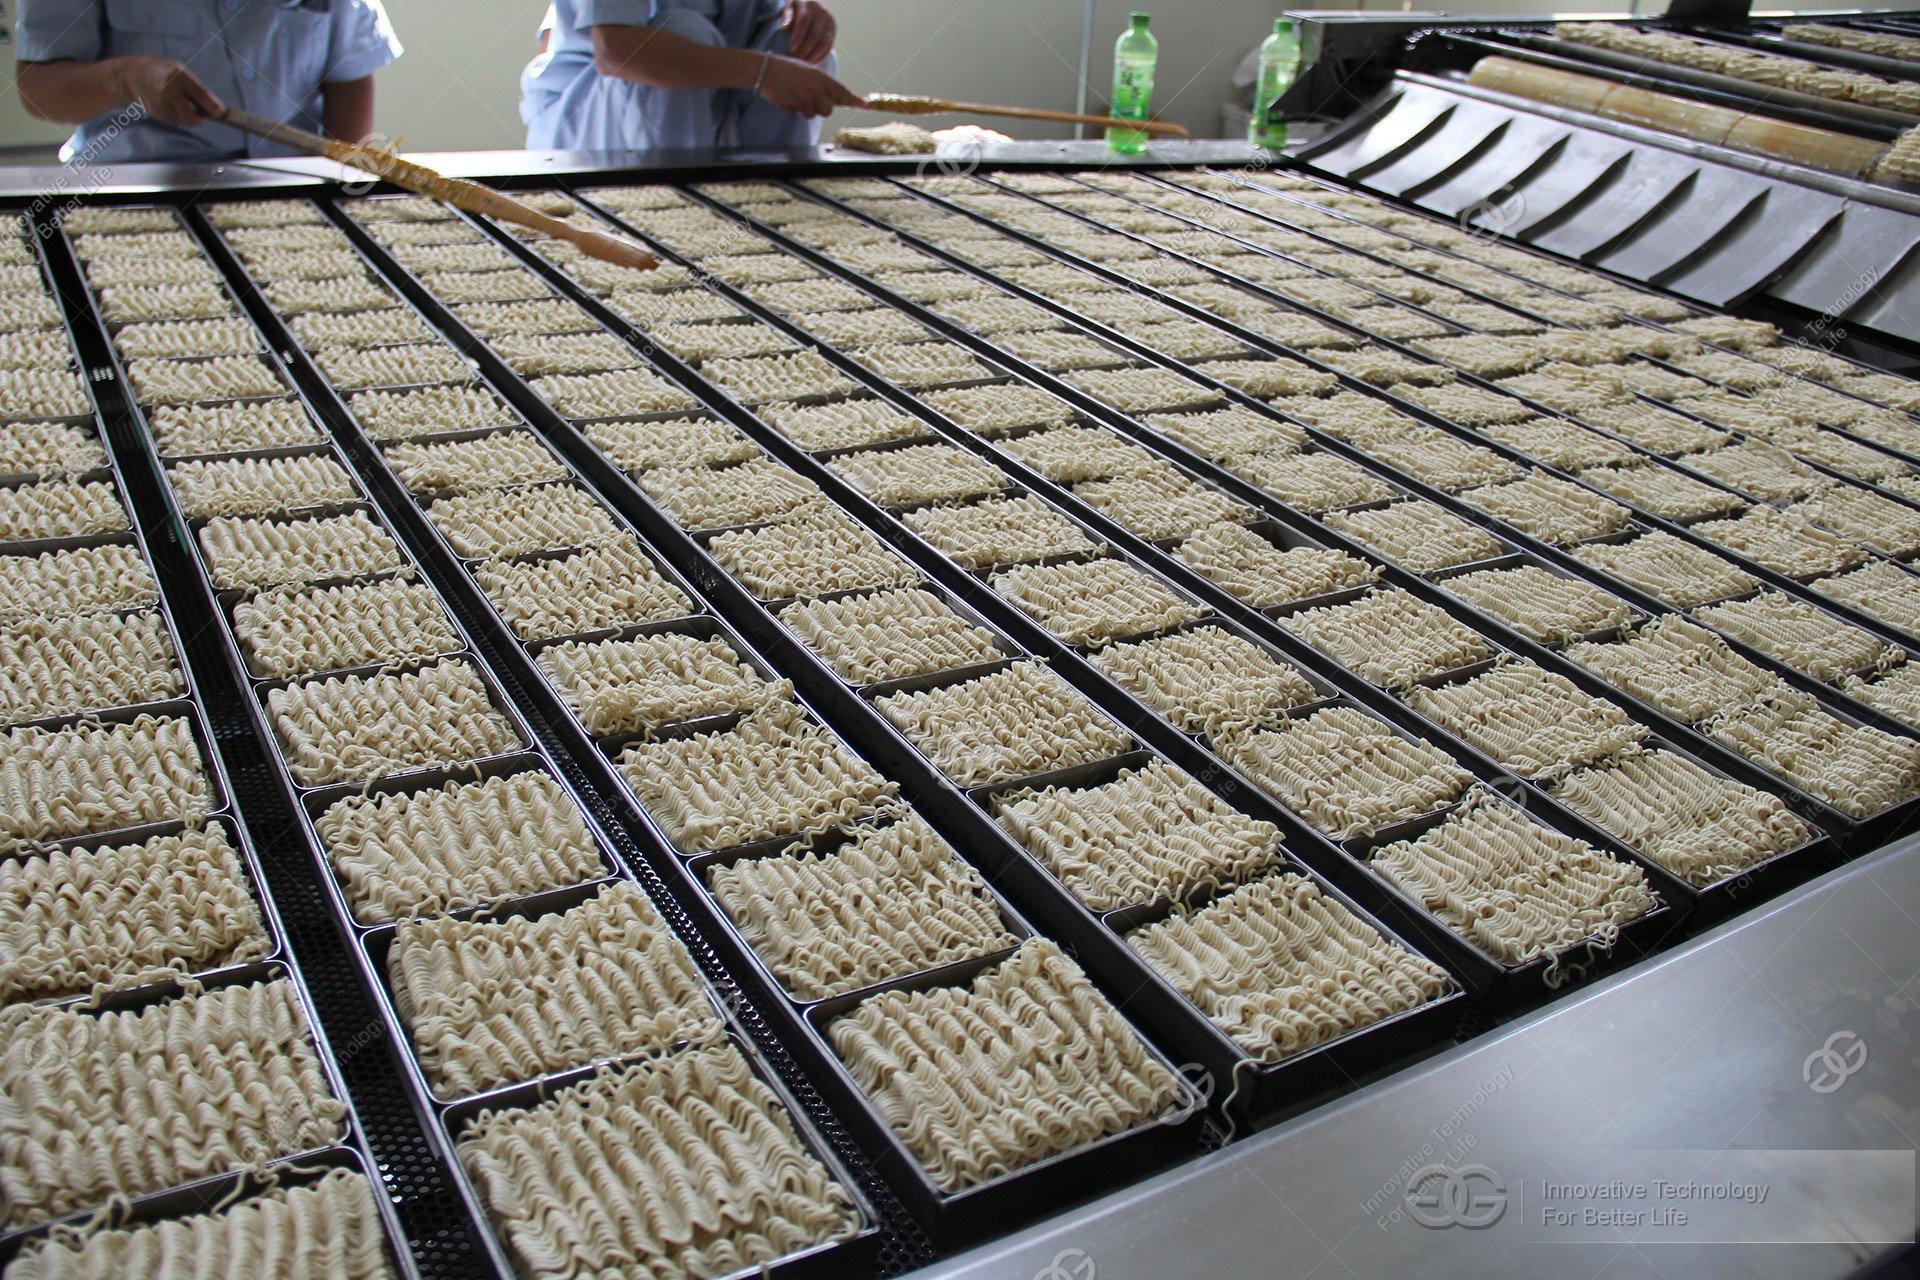 GELGOOG Instant Noodle Manufacturing